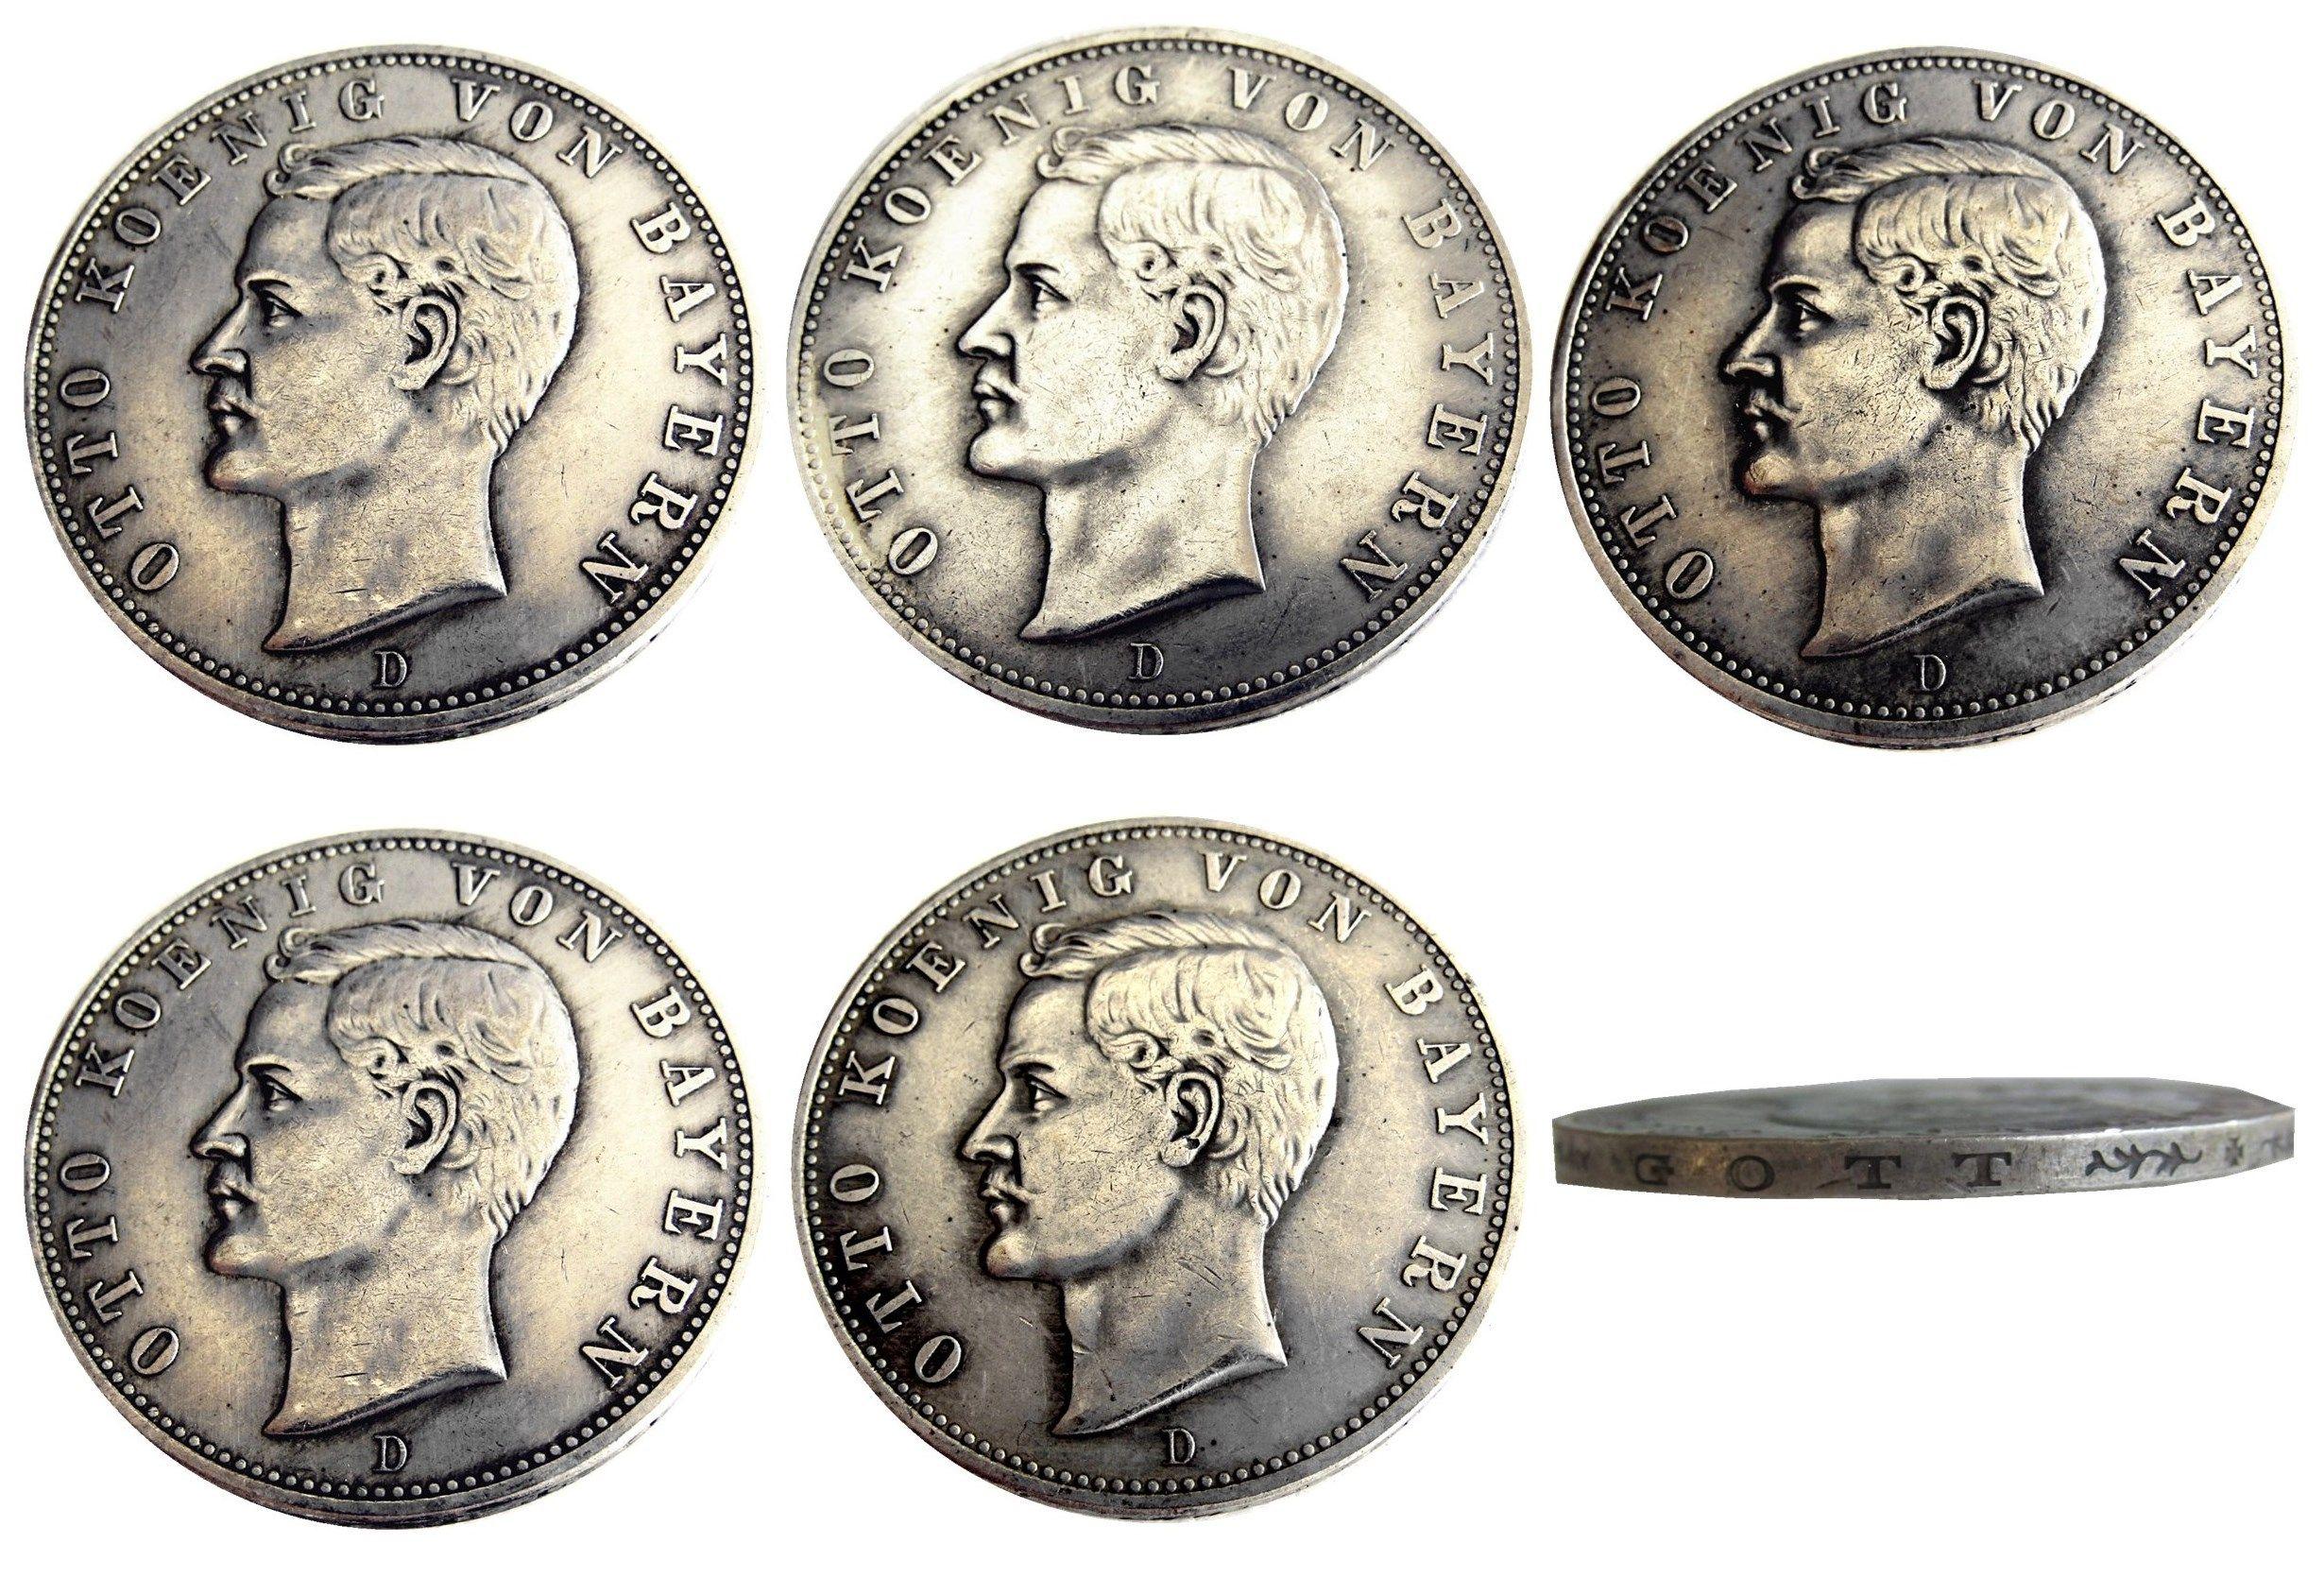 독일 독일 바이에른 동전 5 마크 실버 1896D - 1908D 5PCS 오토 복사 동전 도매